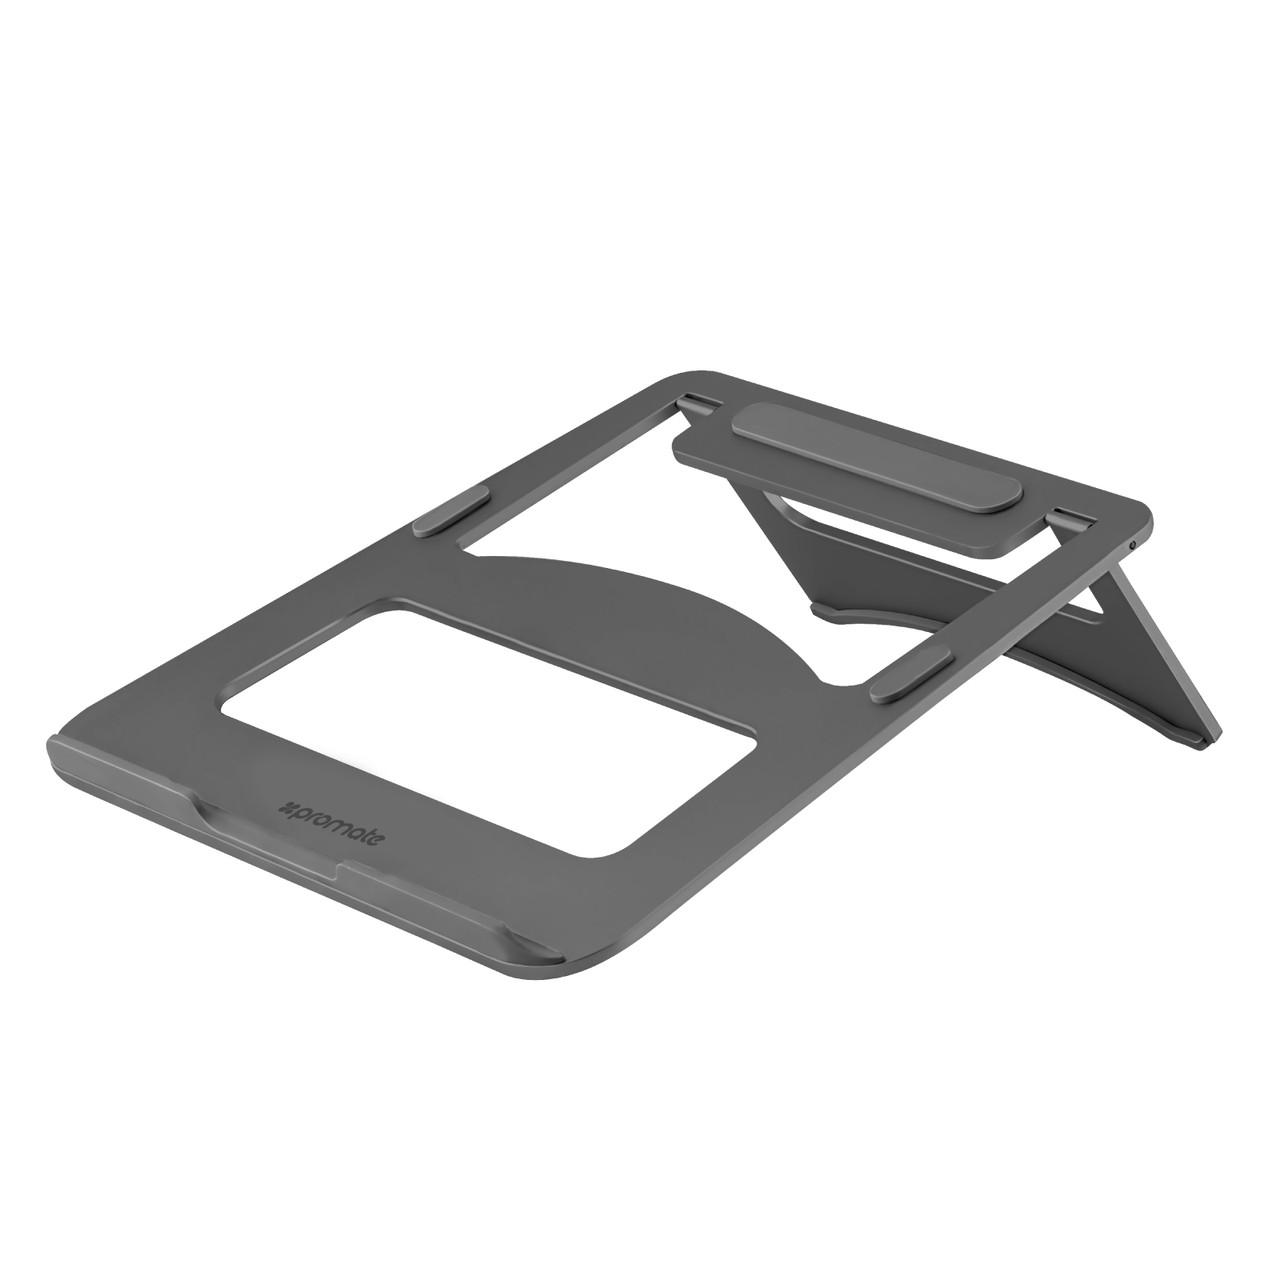 Подставка под ноутбук Promate Deskmate-3 Gray